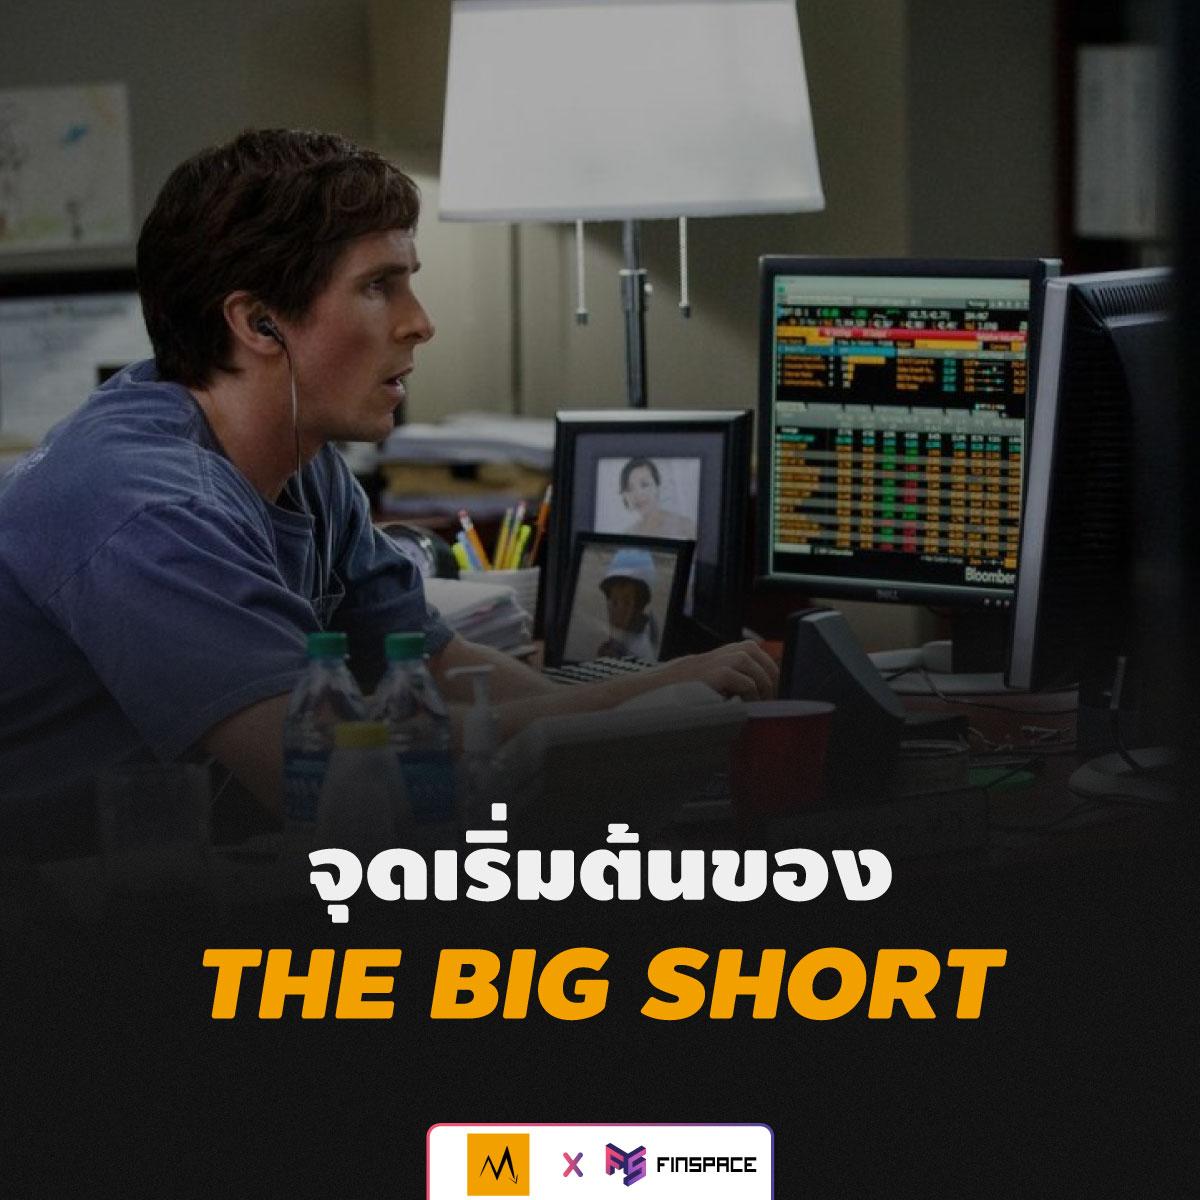 The Big Short ตราสารอนุพันธ์